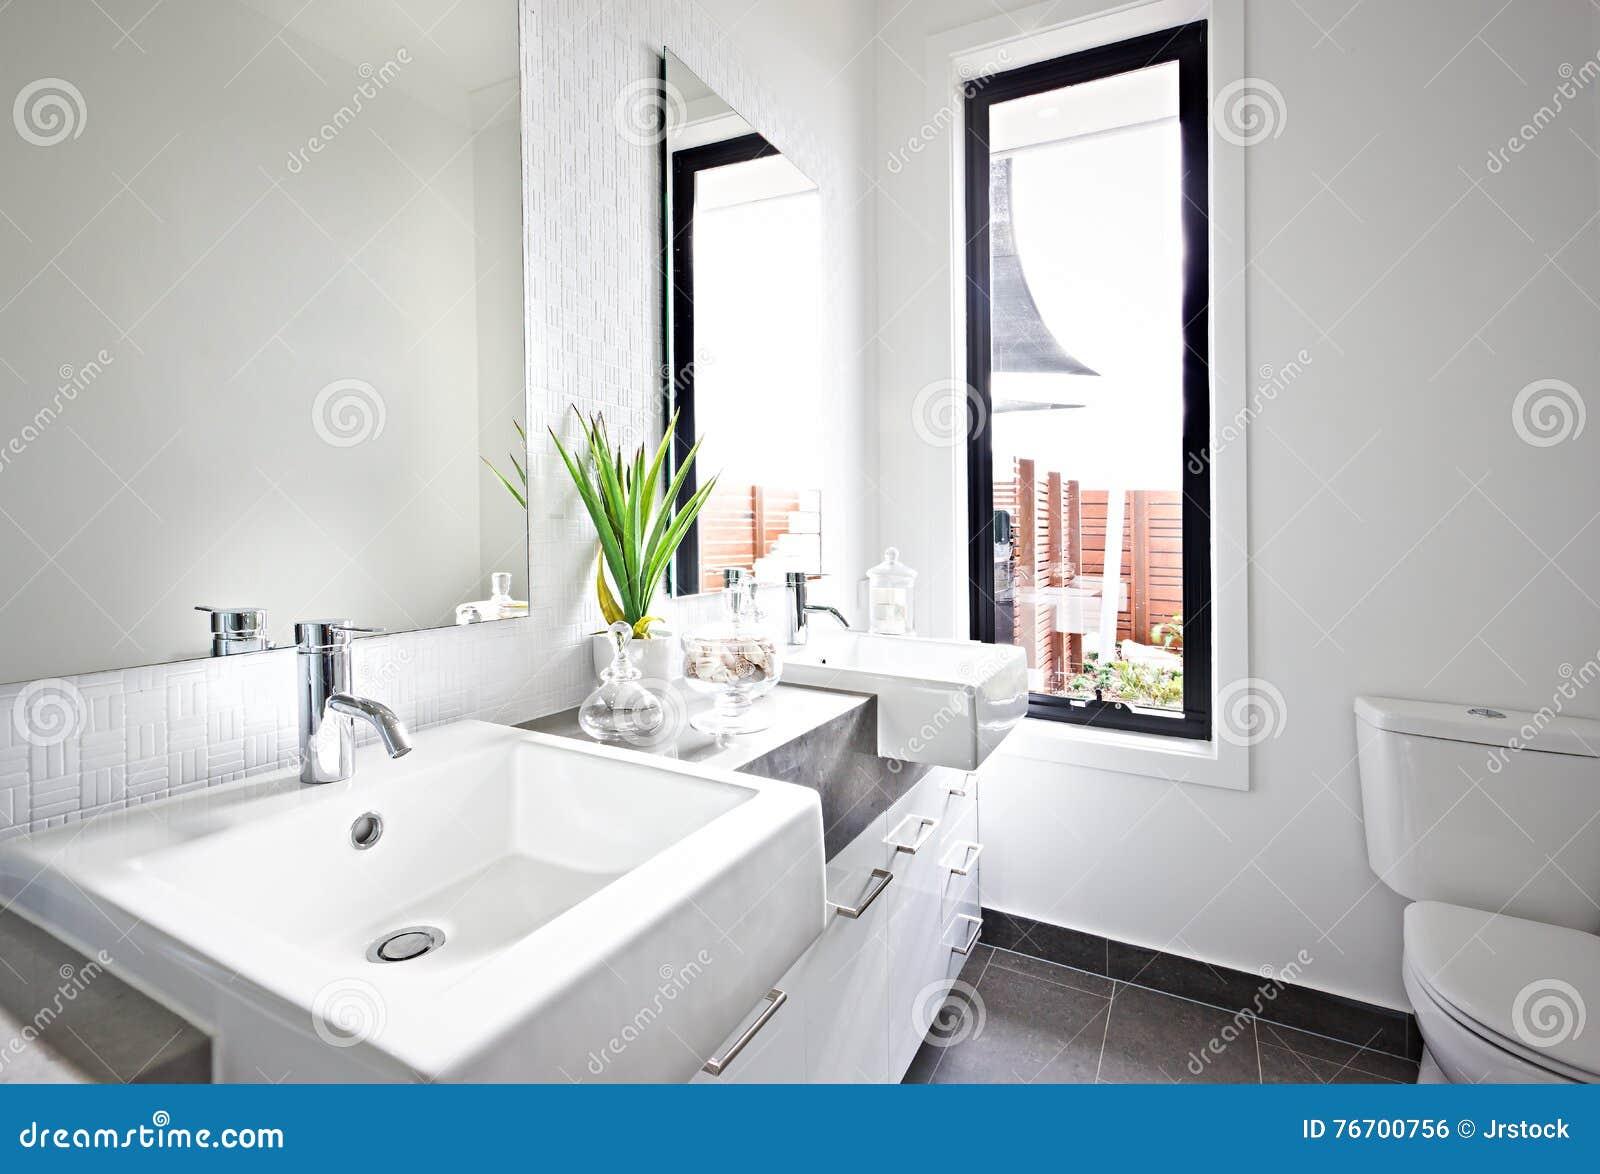 Vit toalettvask och spegel nära en grön växt